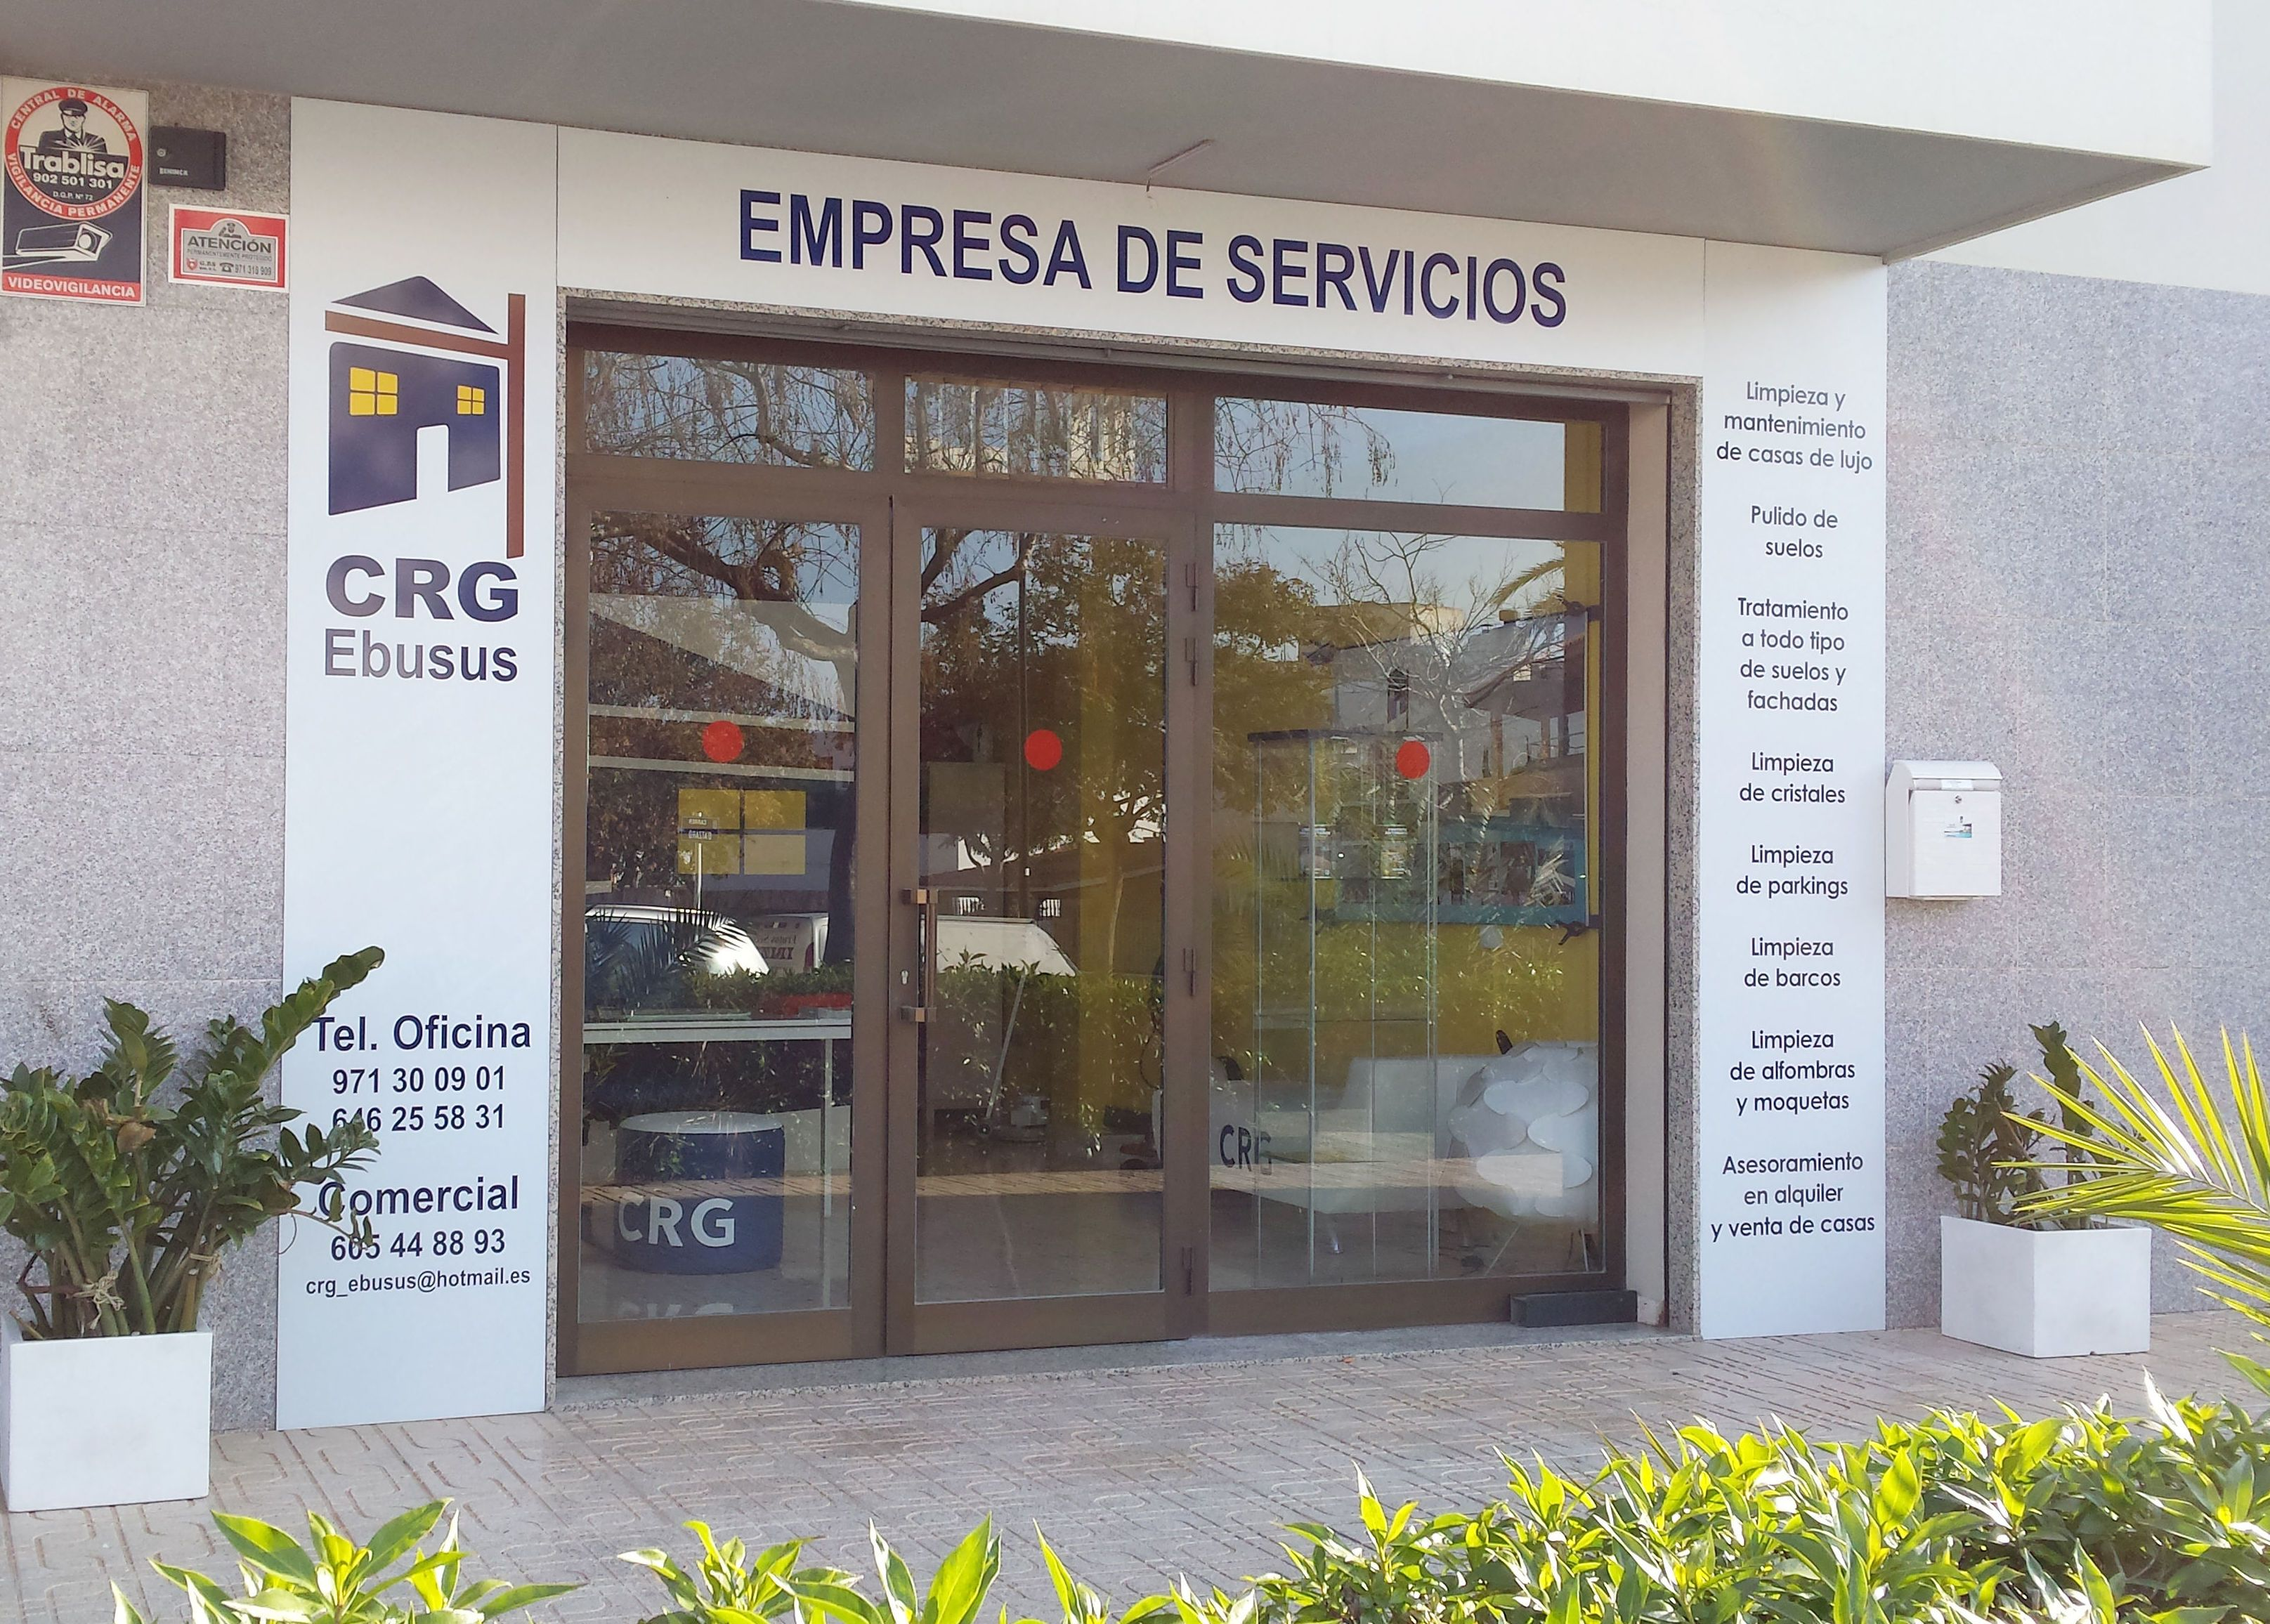 Empresas de limpieza casas gallery of perfect ubicacin with empresas de limpieza casas with - Empresas limpieza pamplona ...